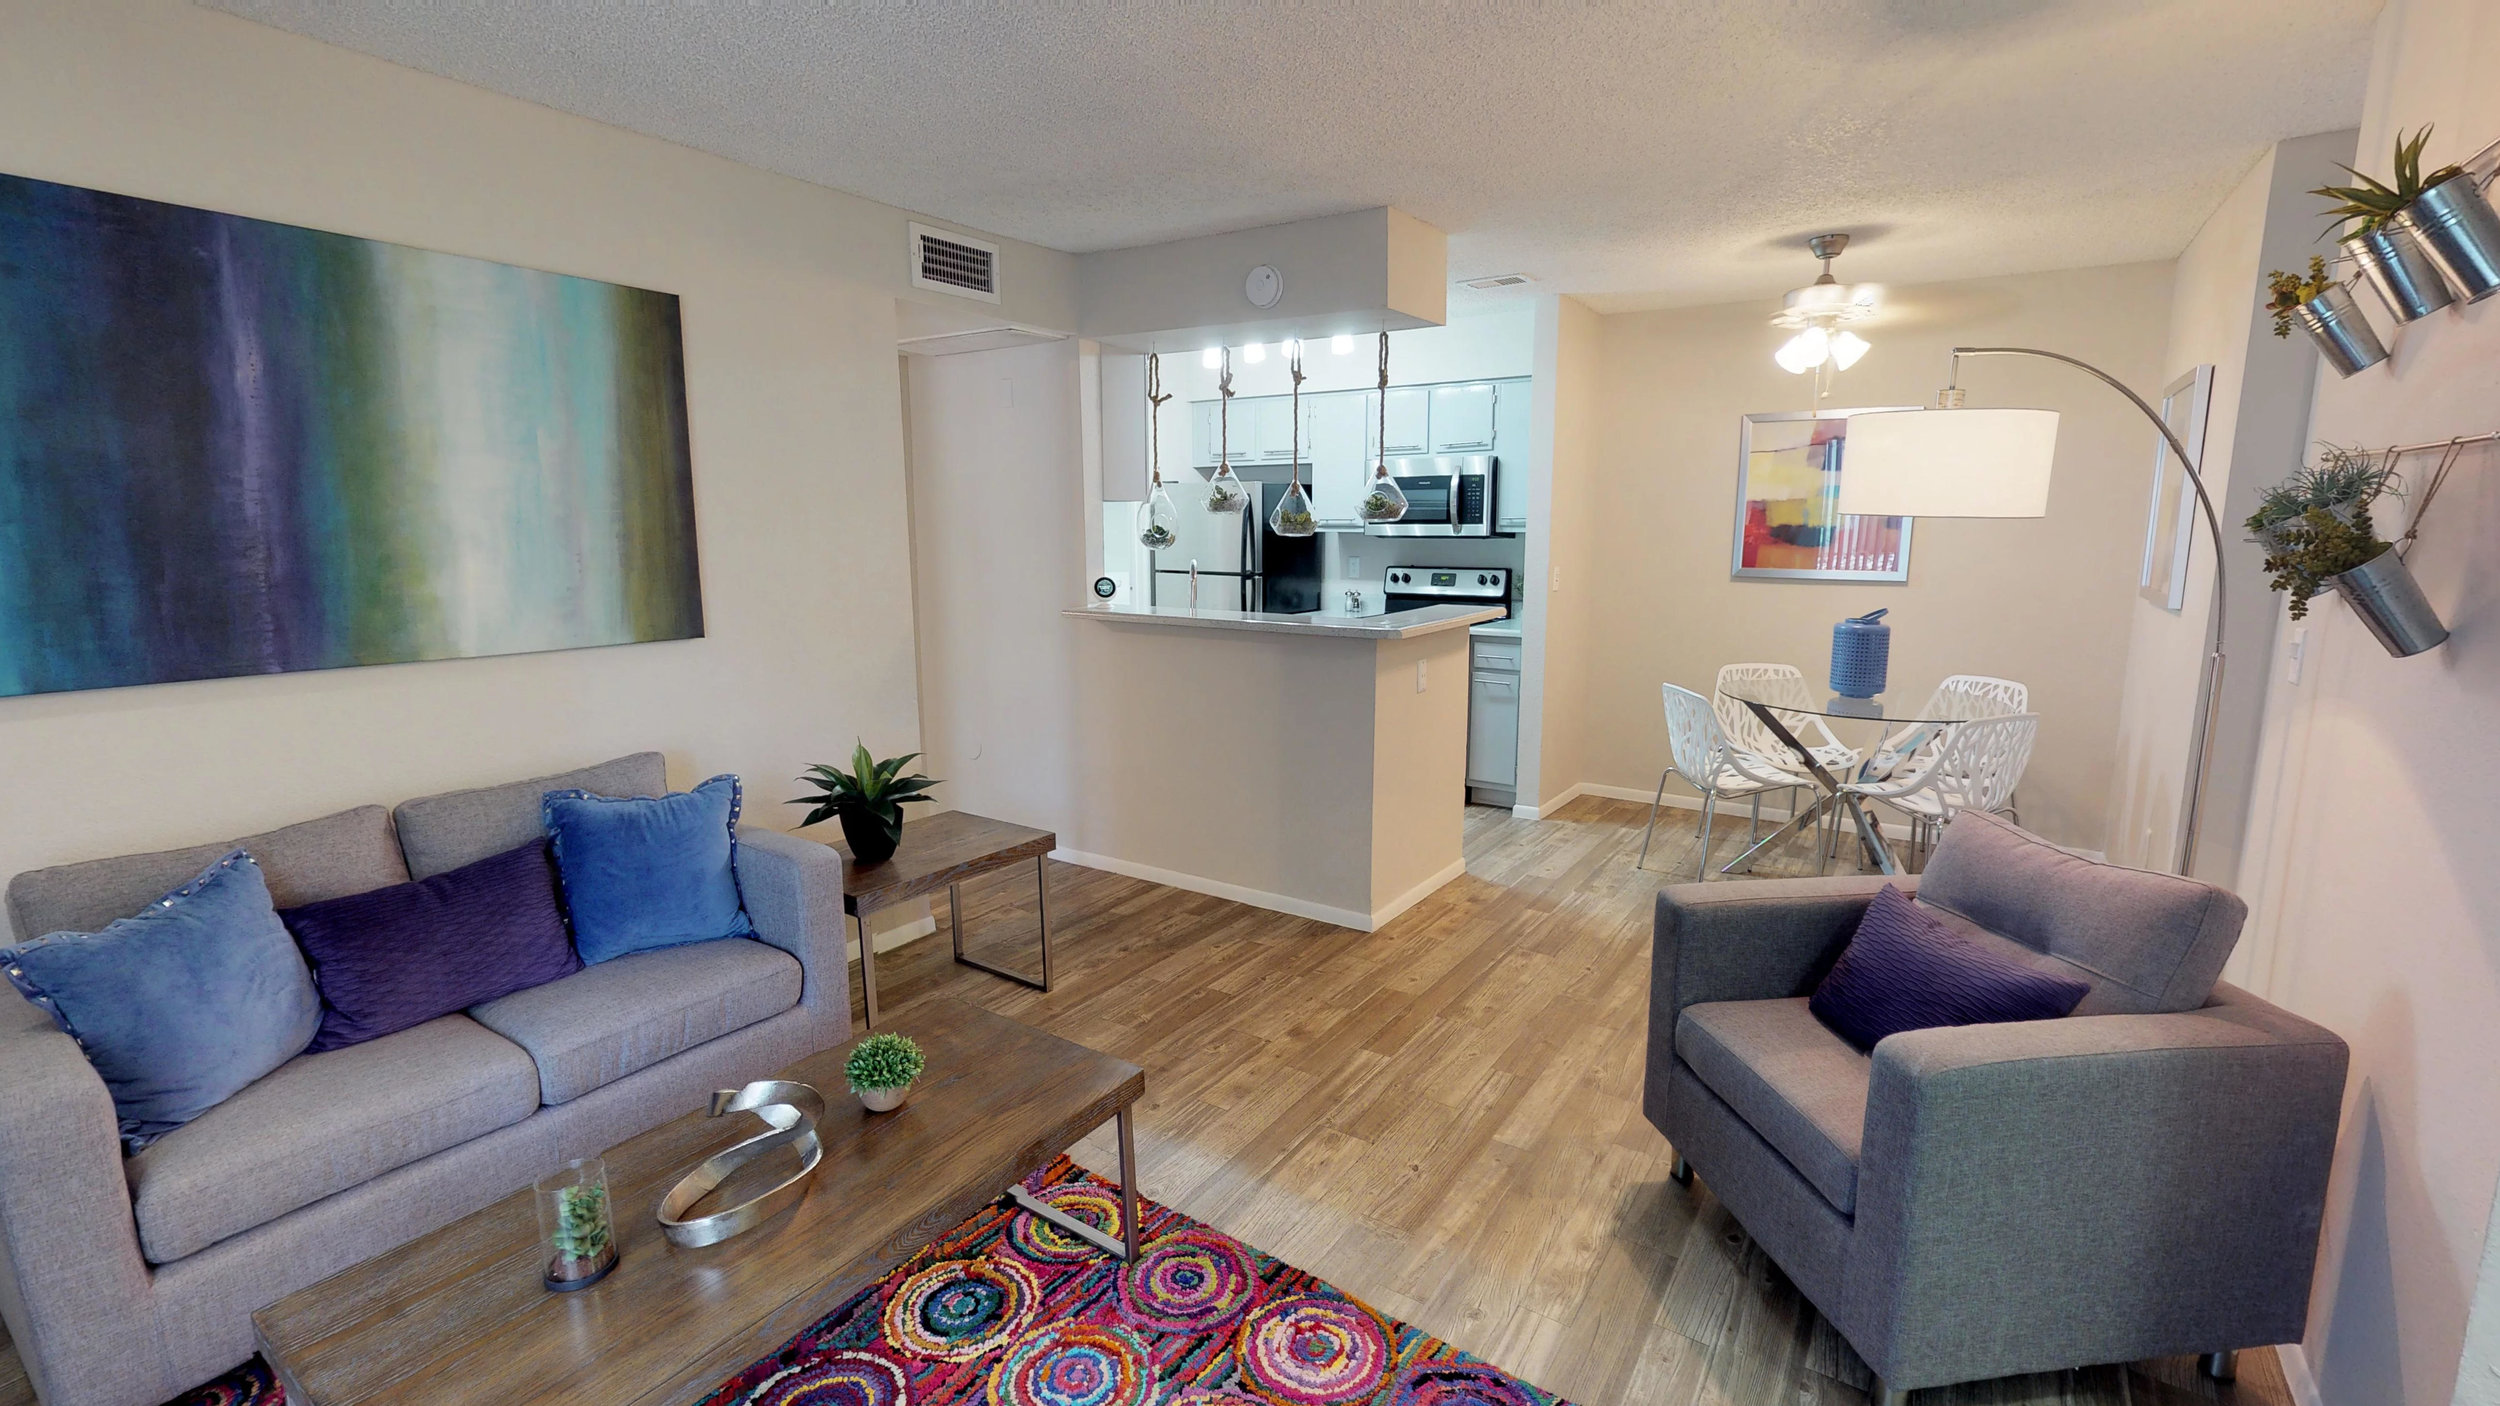 rtV51XHdx1s - Living Room #1 110(4).jpg